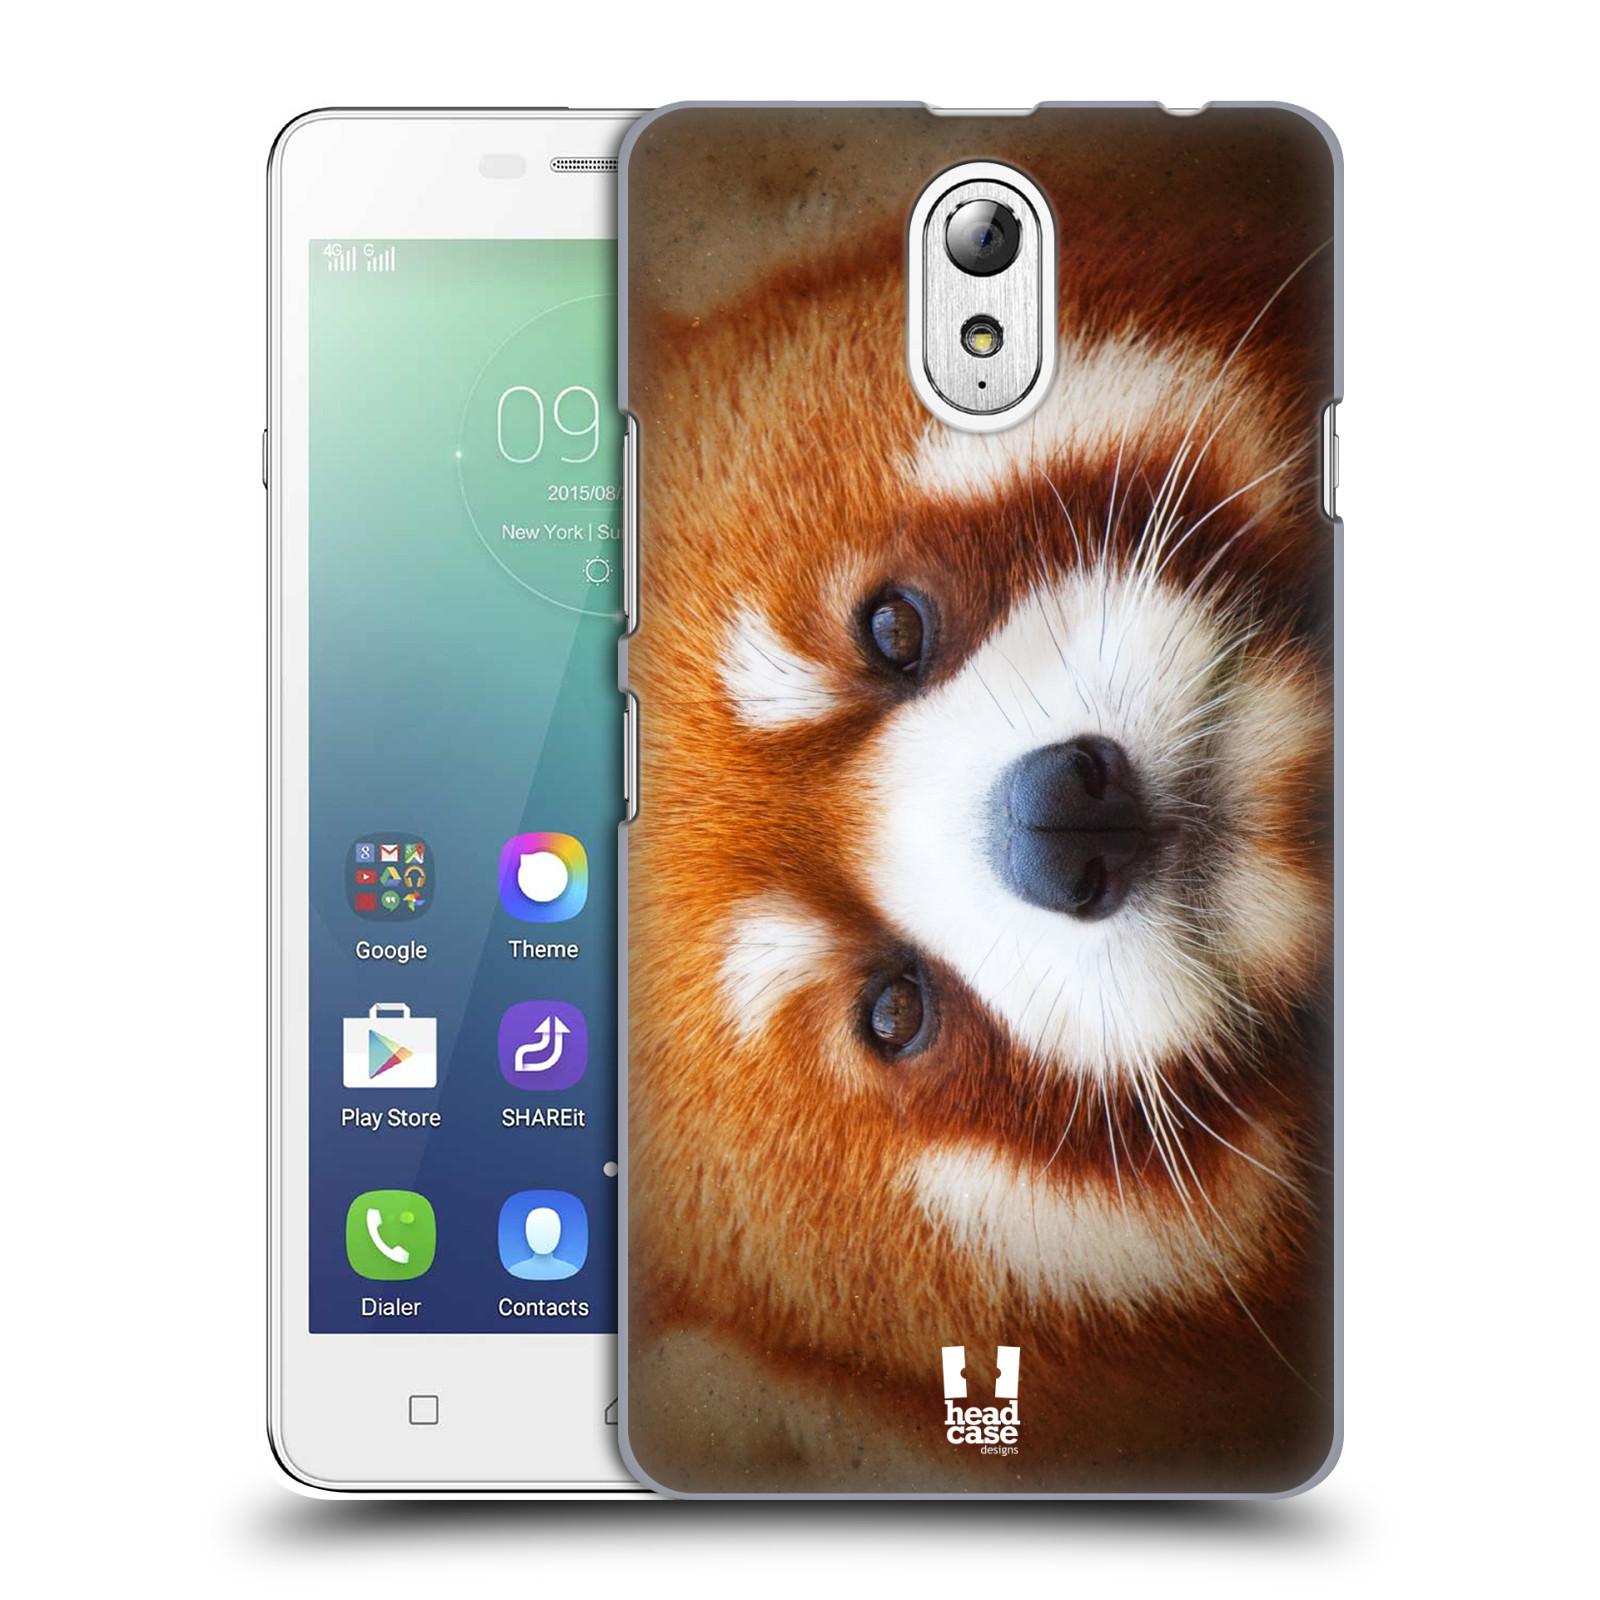 HEAD CASE pevný plastový obal na mobil LENOVO VIBE P1m / LENOVO VIBE p1m DUAL SIM vzor Zvířecí tváře 2 medvěd panda rudá